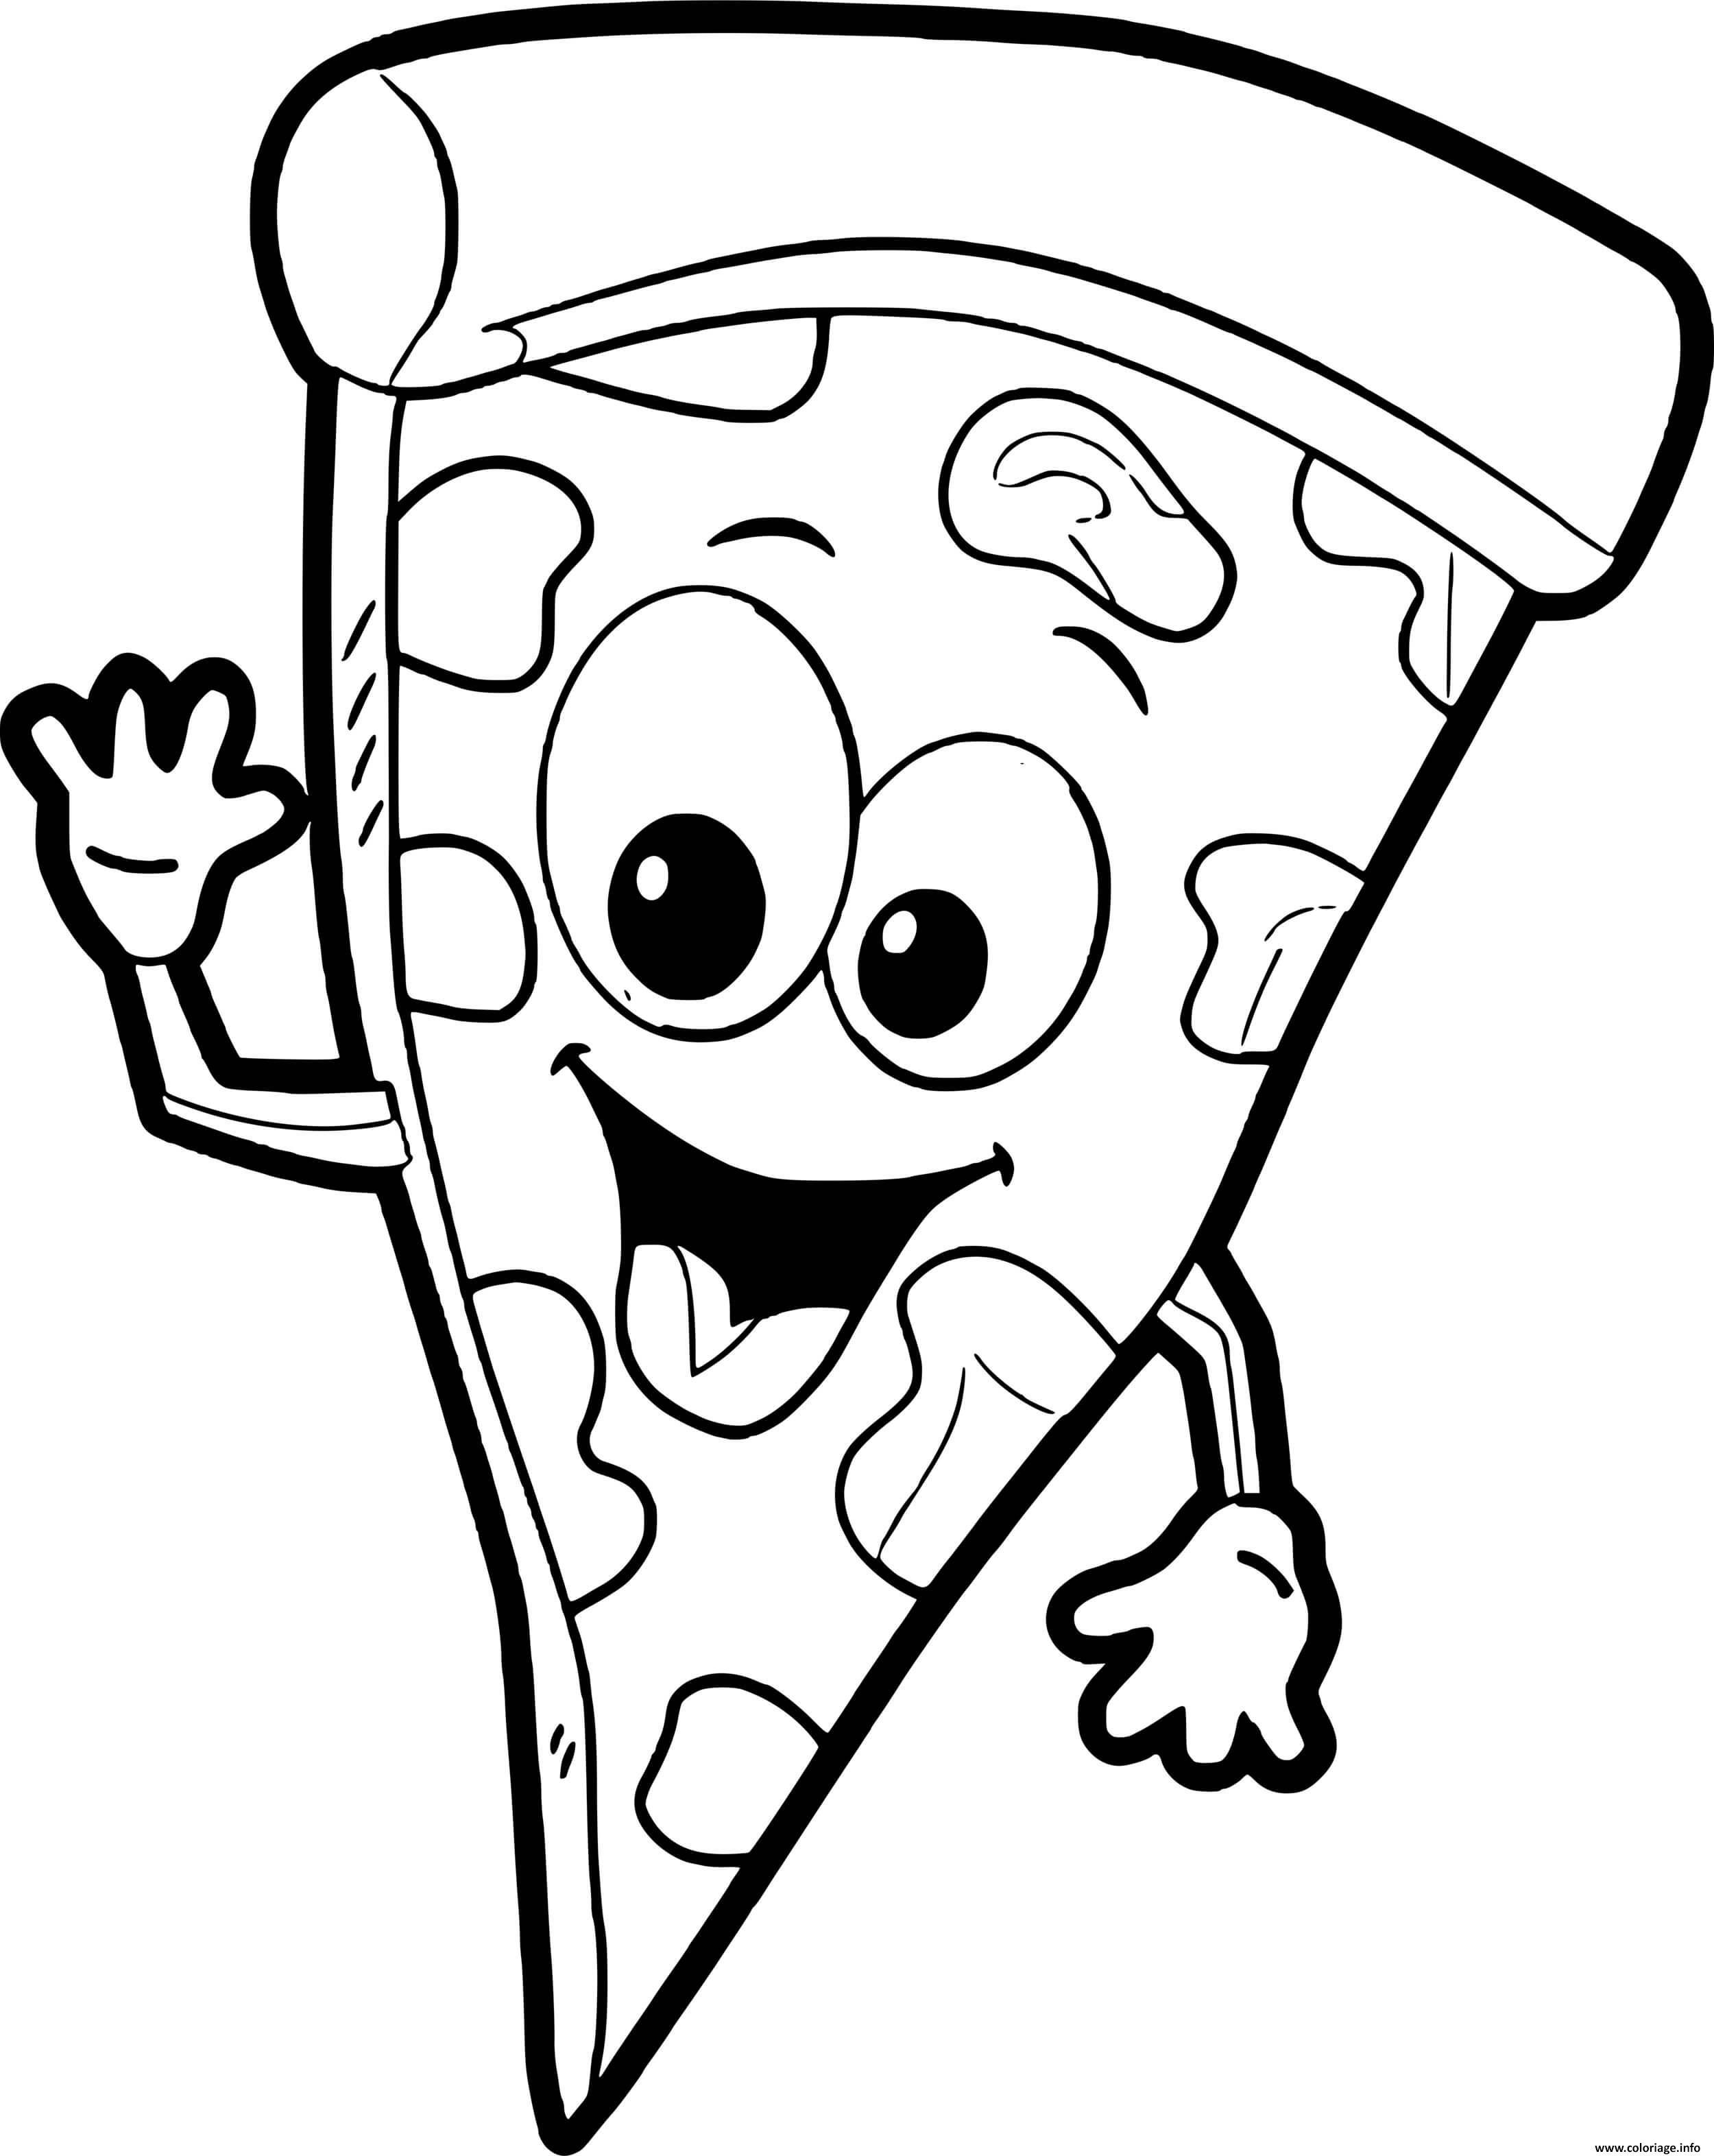 Dessin pizza rigolote souriante Coloriage Gratuit à Imprimer